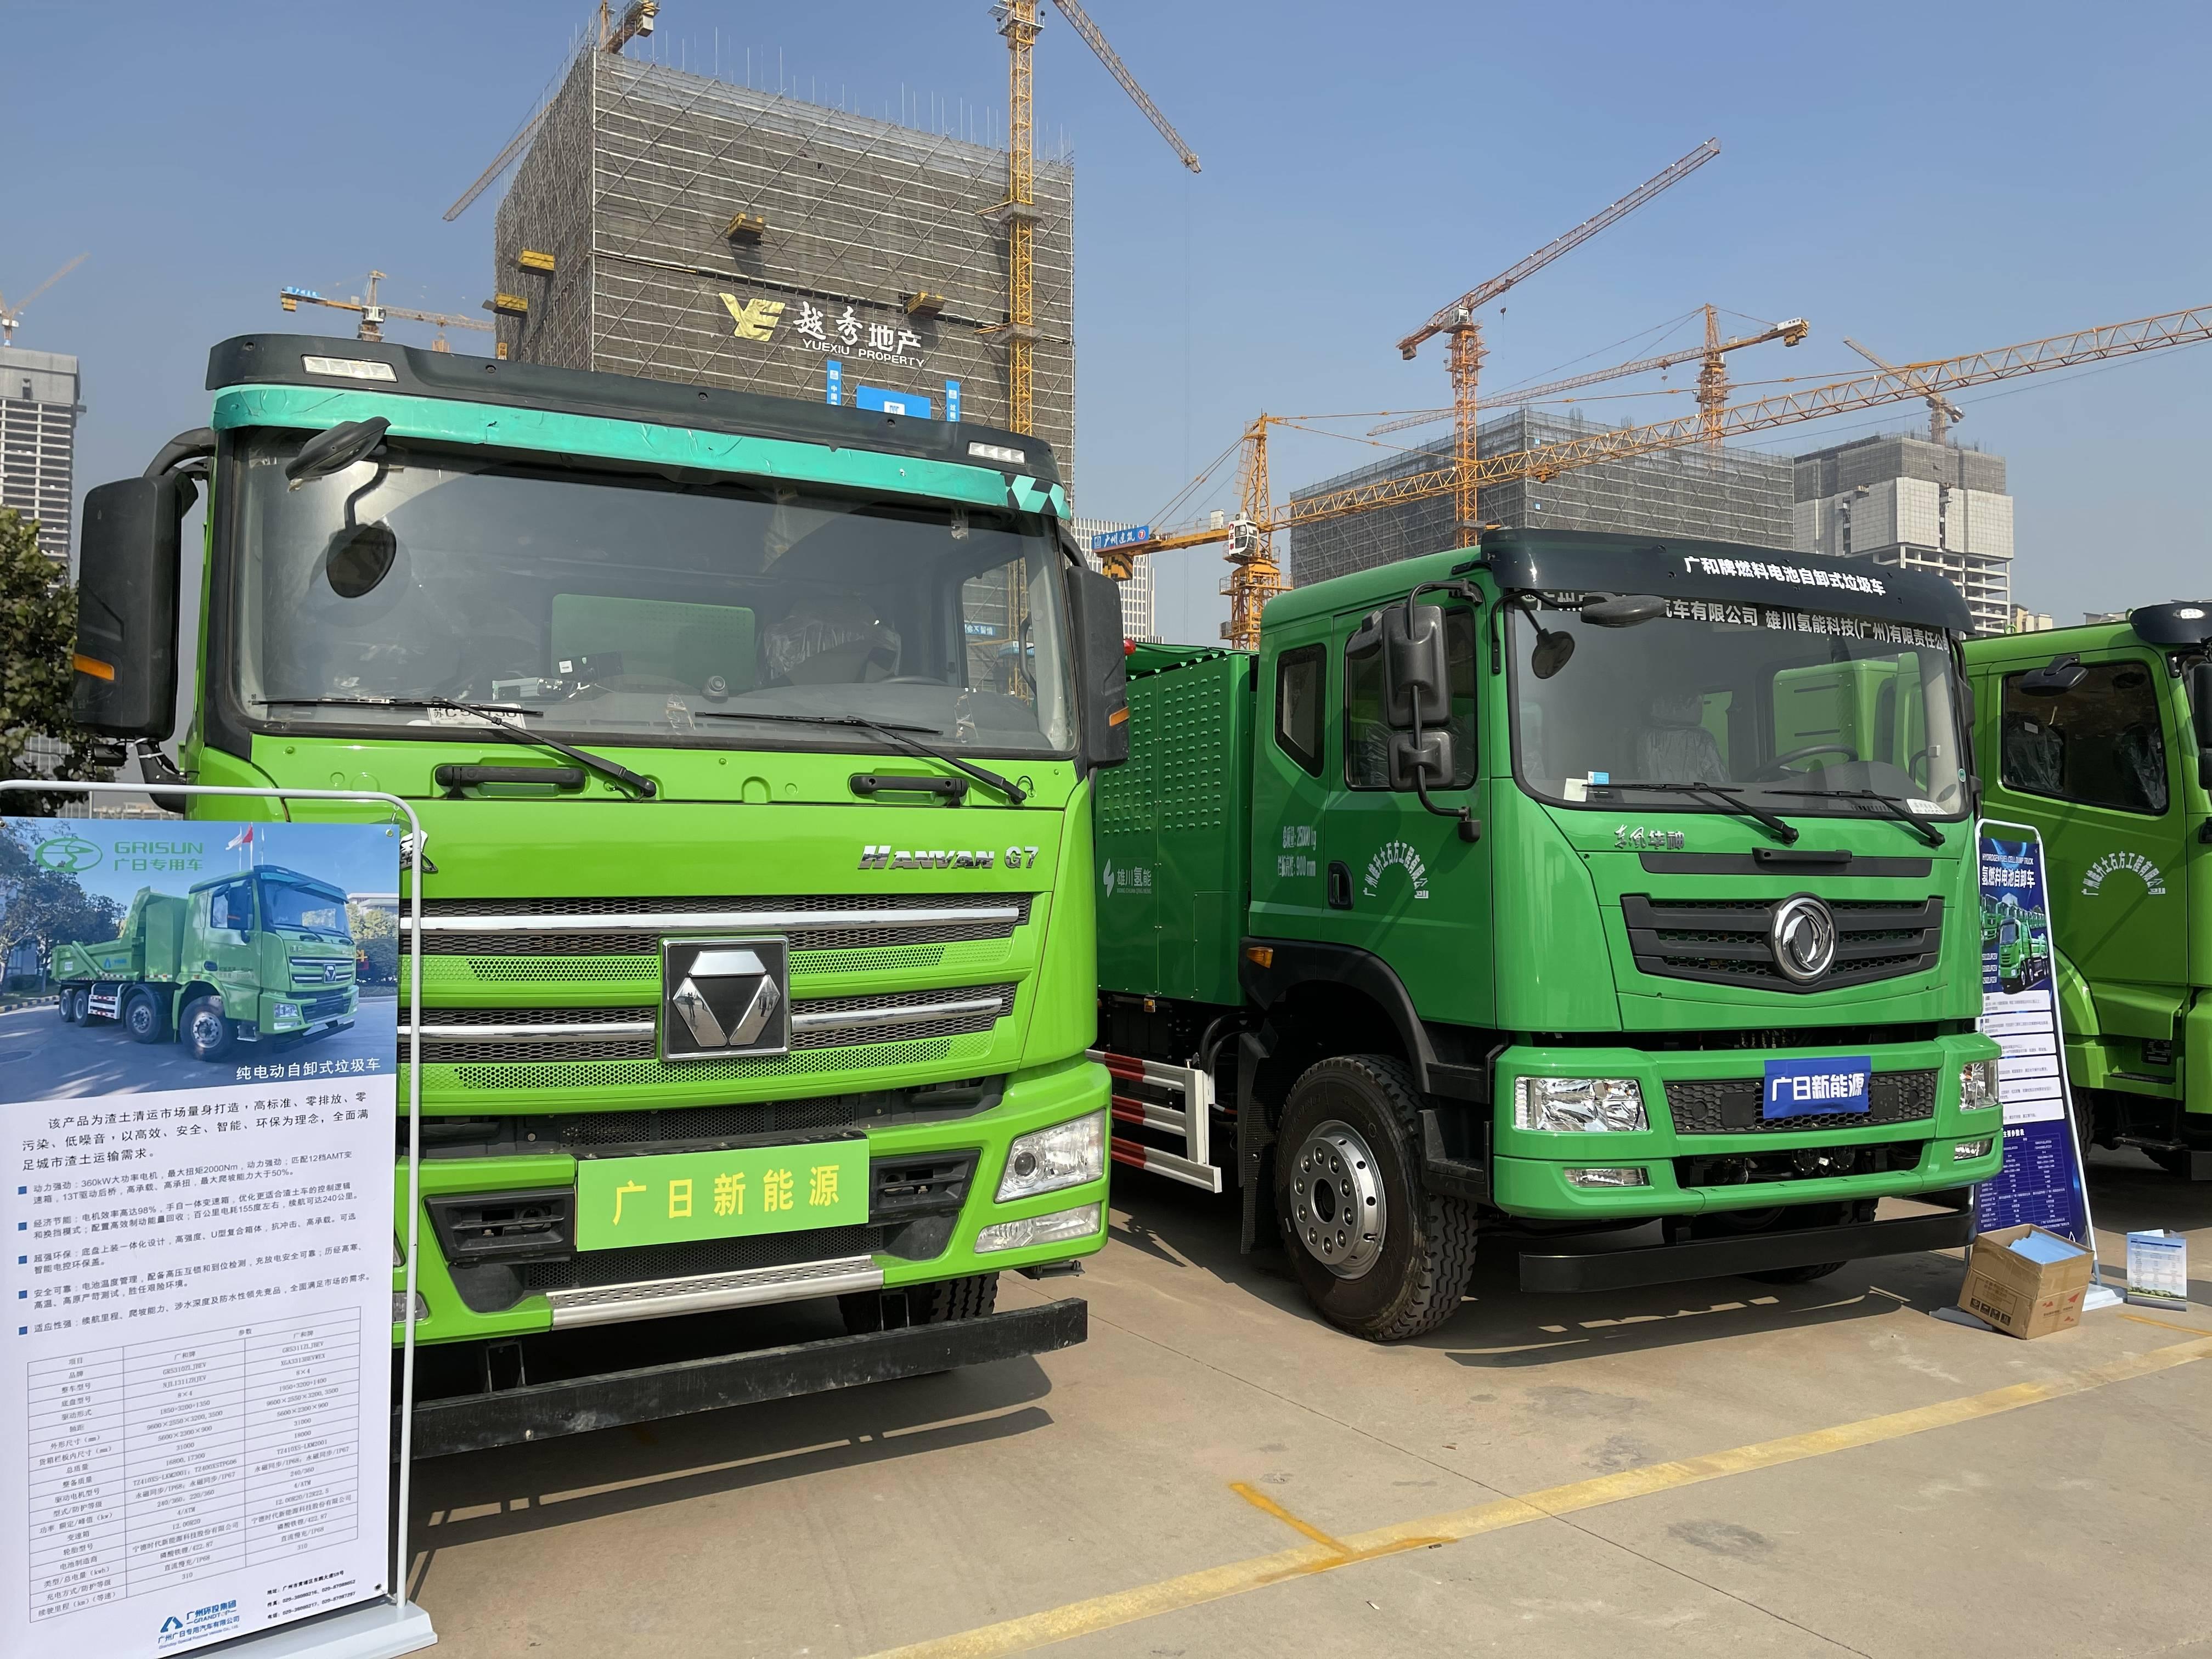 科技感十足!纯电动建筑废弃物运输车辆即将上路